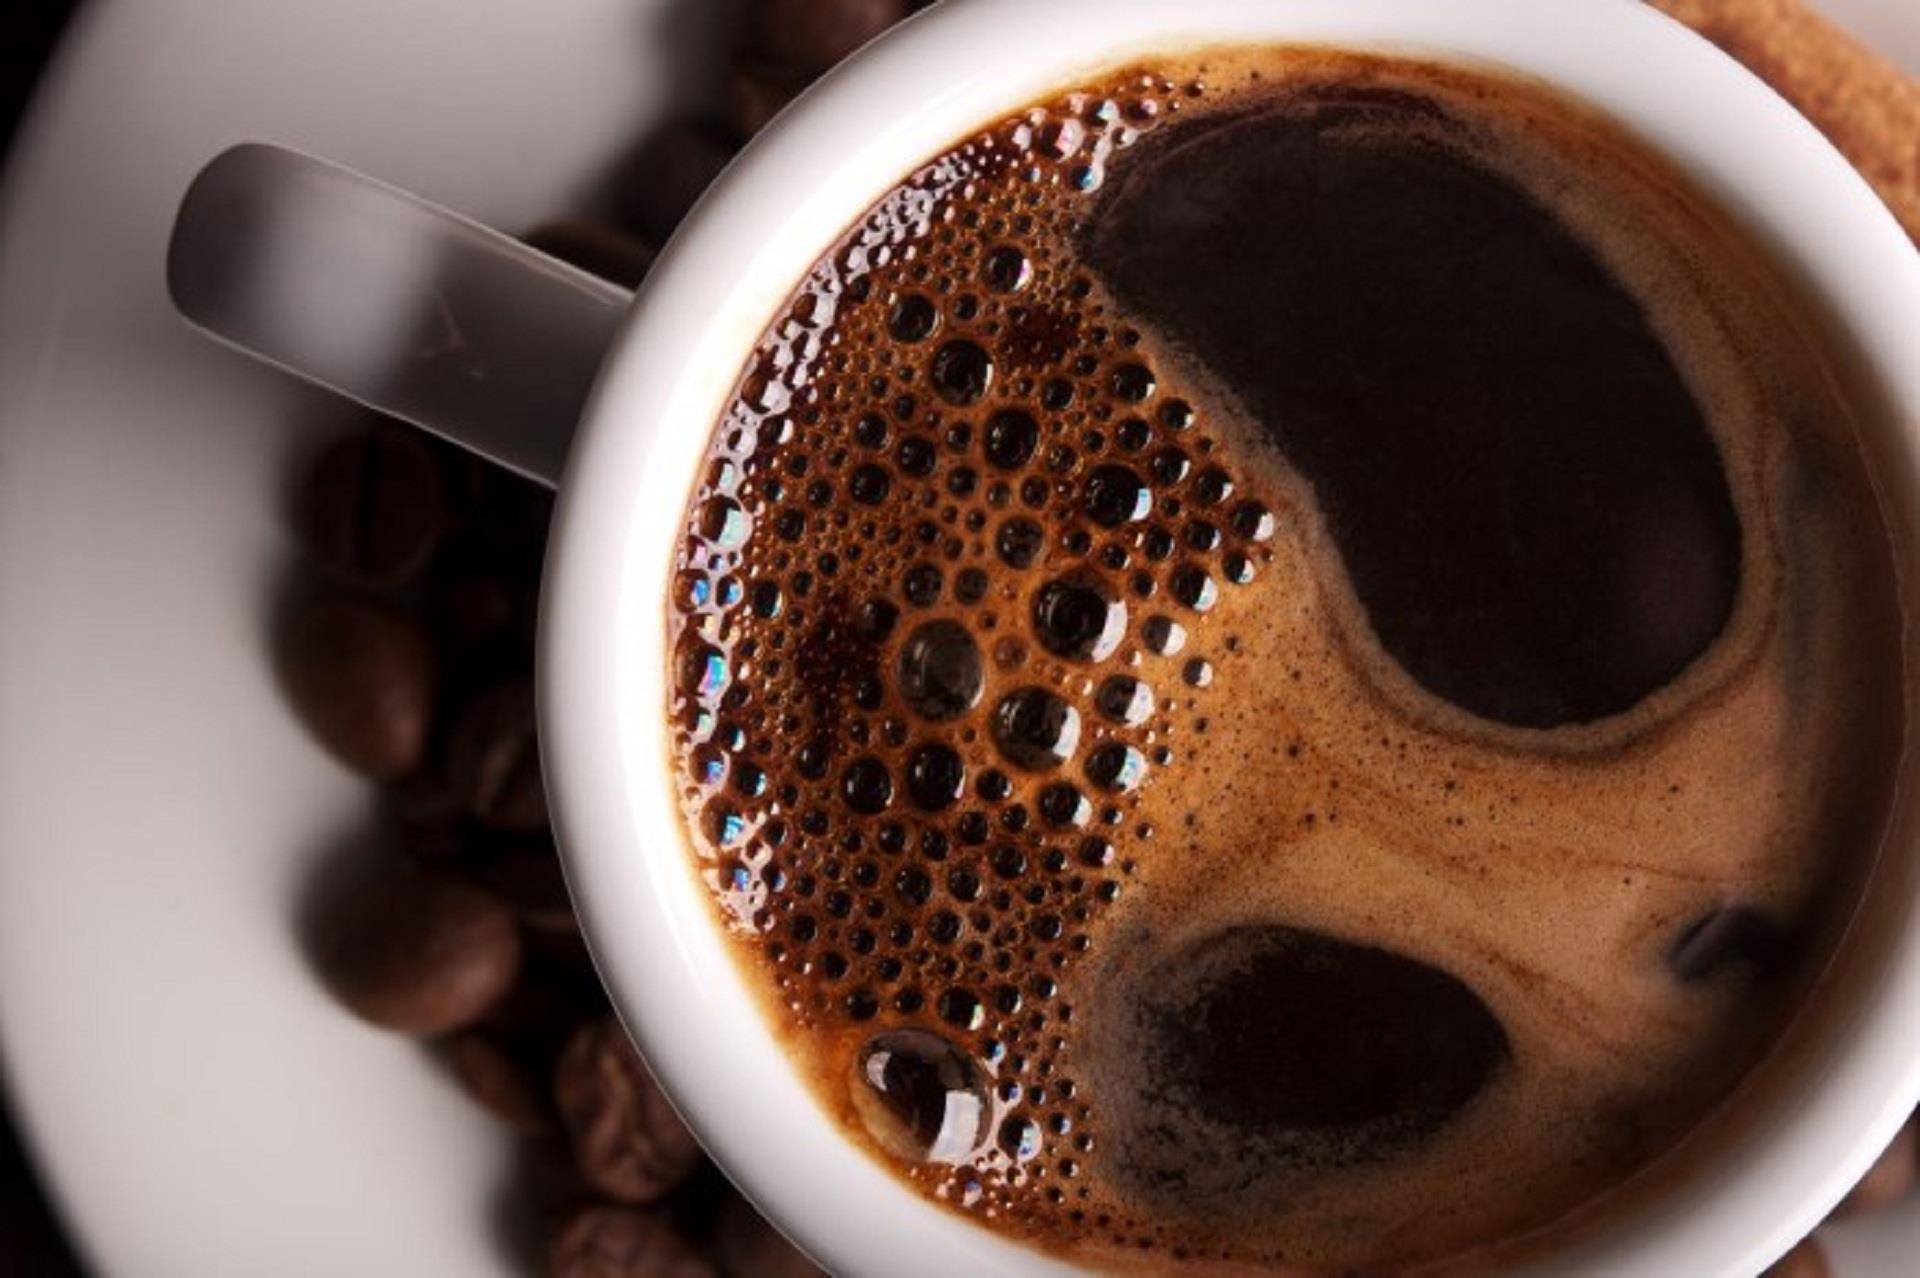 Кофе учёные нашли способ борьбы с диабетом и ожирением